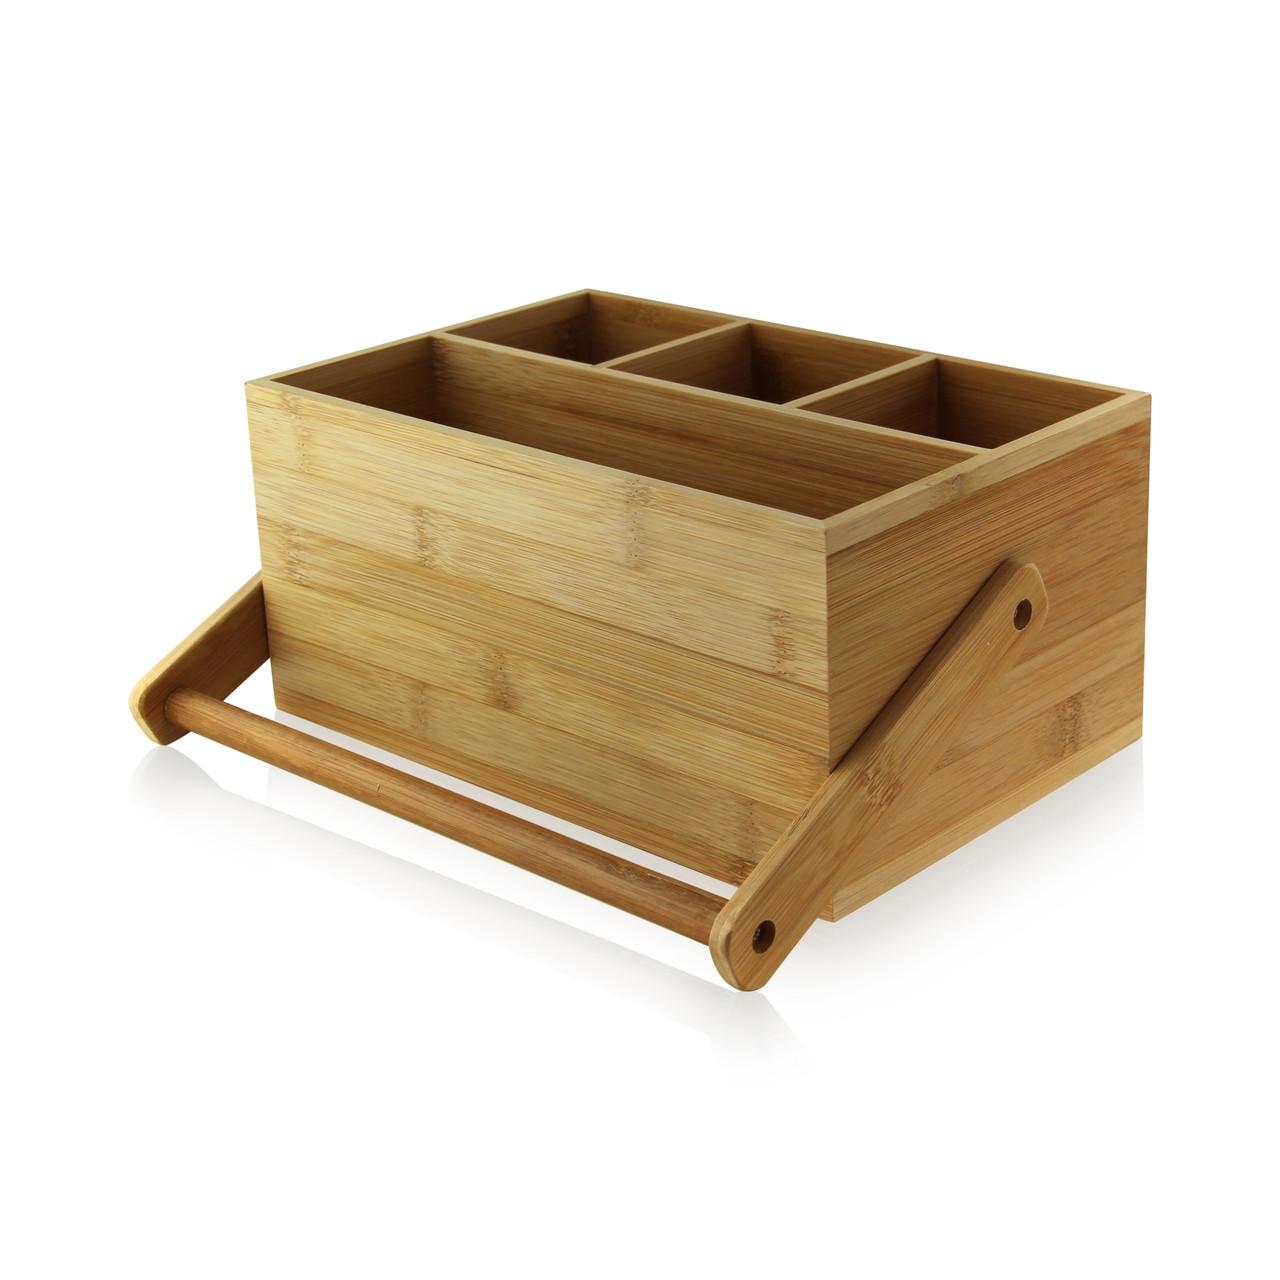 Bamboo Tool Box - L:9 x W:5.9 x H:4.25in